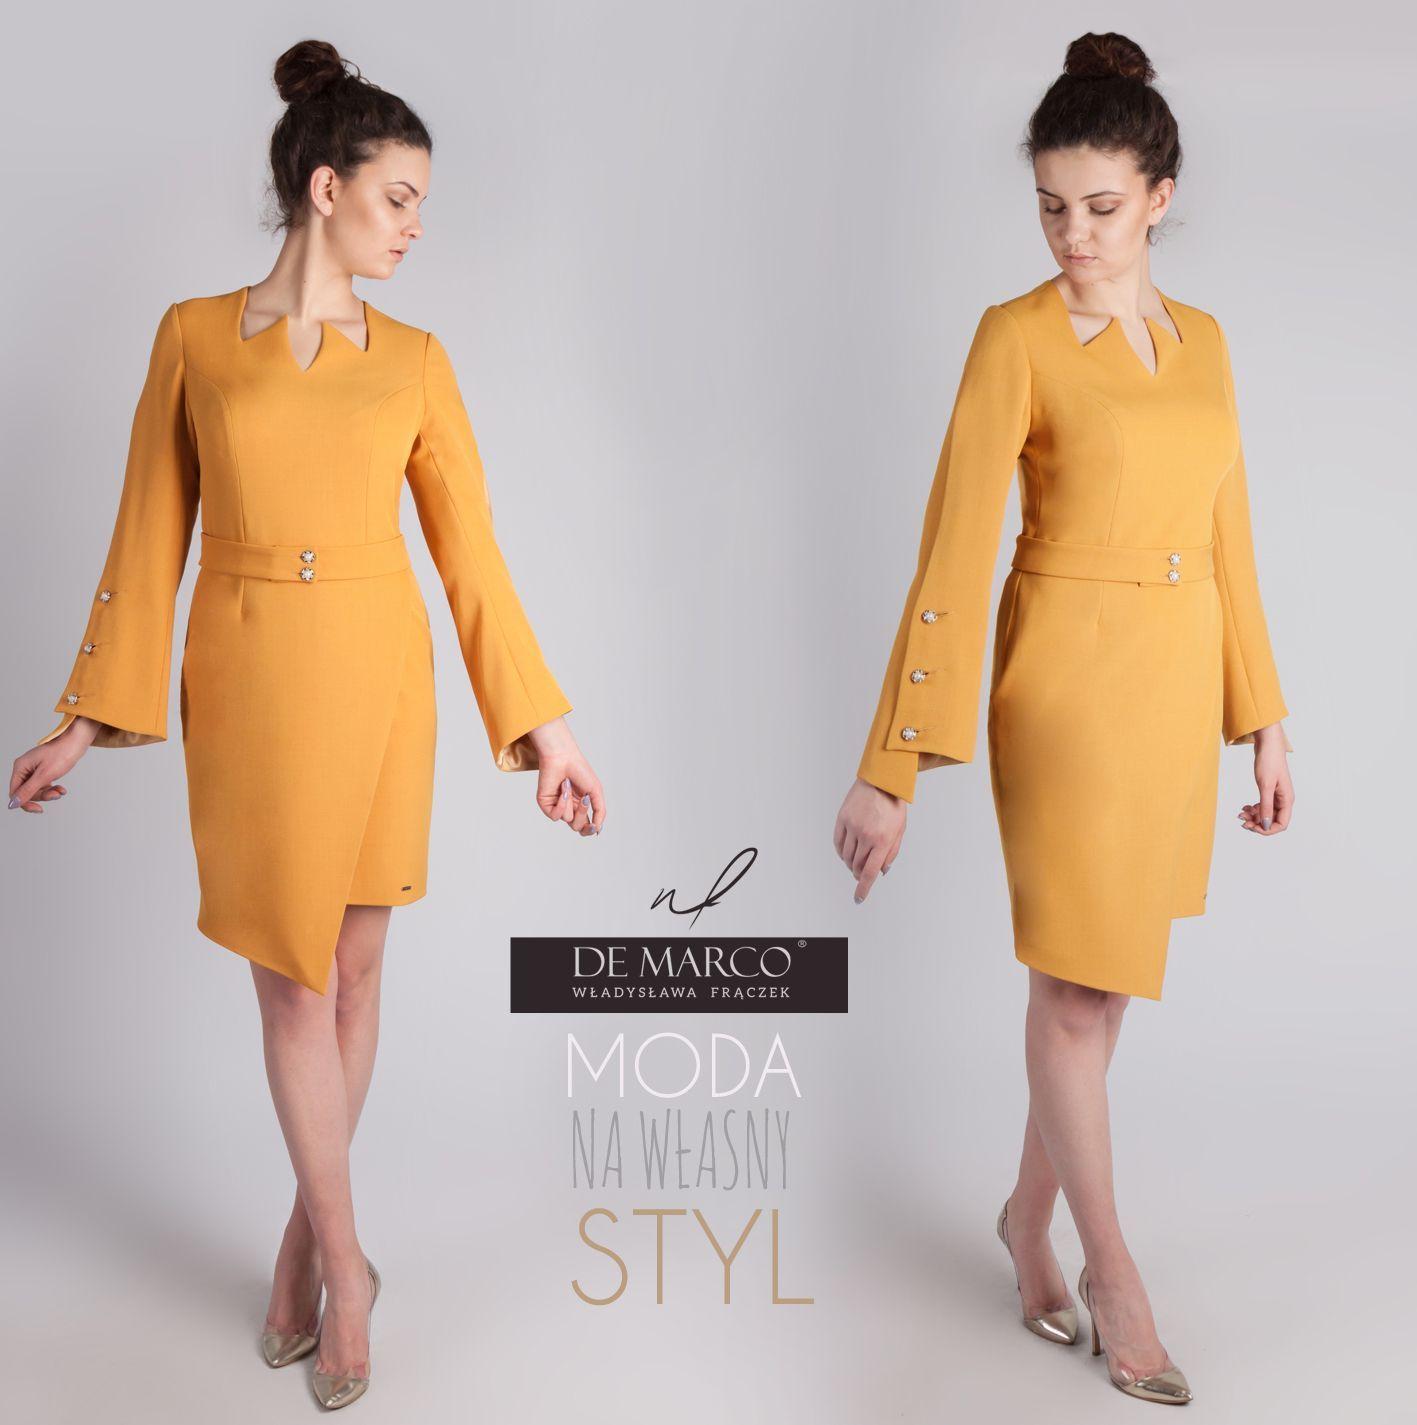 936485339e Strój biznesowy damski. Sklep internetowy De Marco sukienki biznesowe na  rok 2019